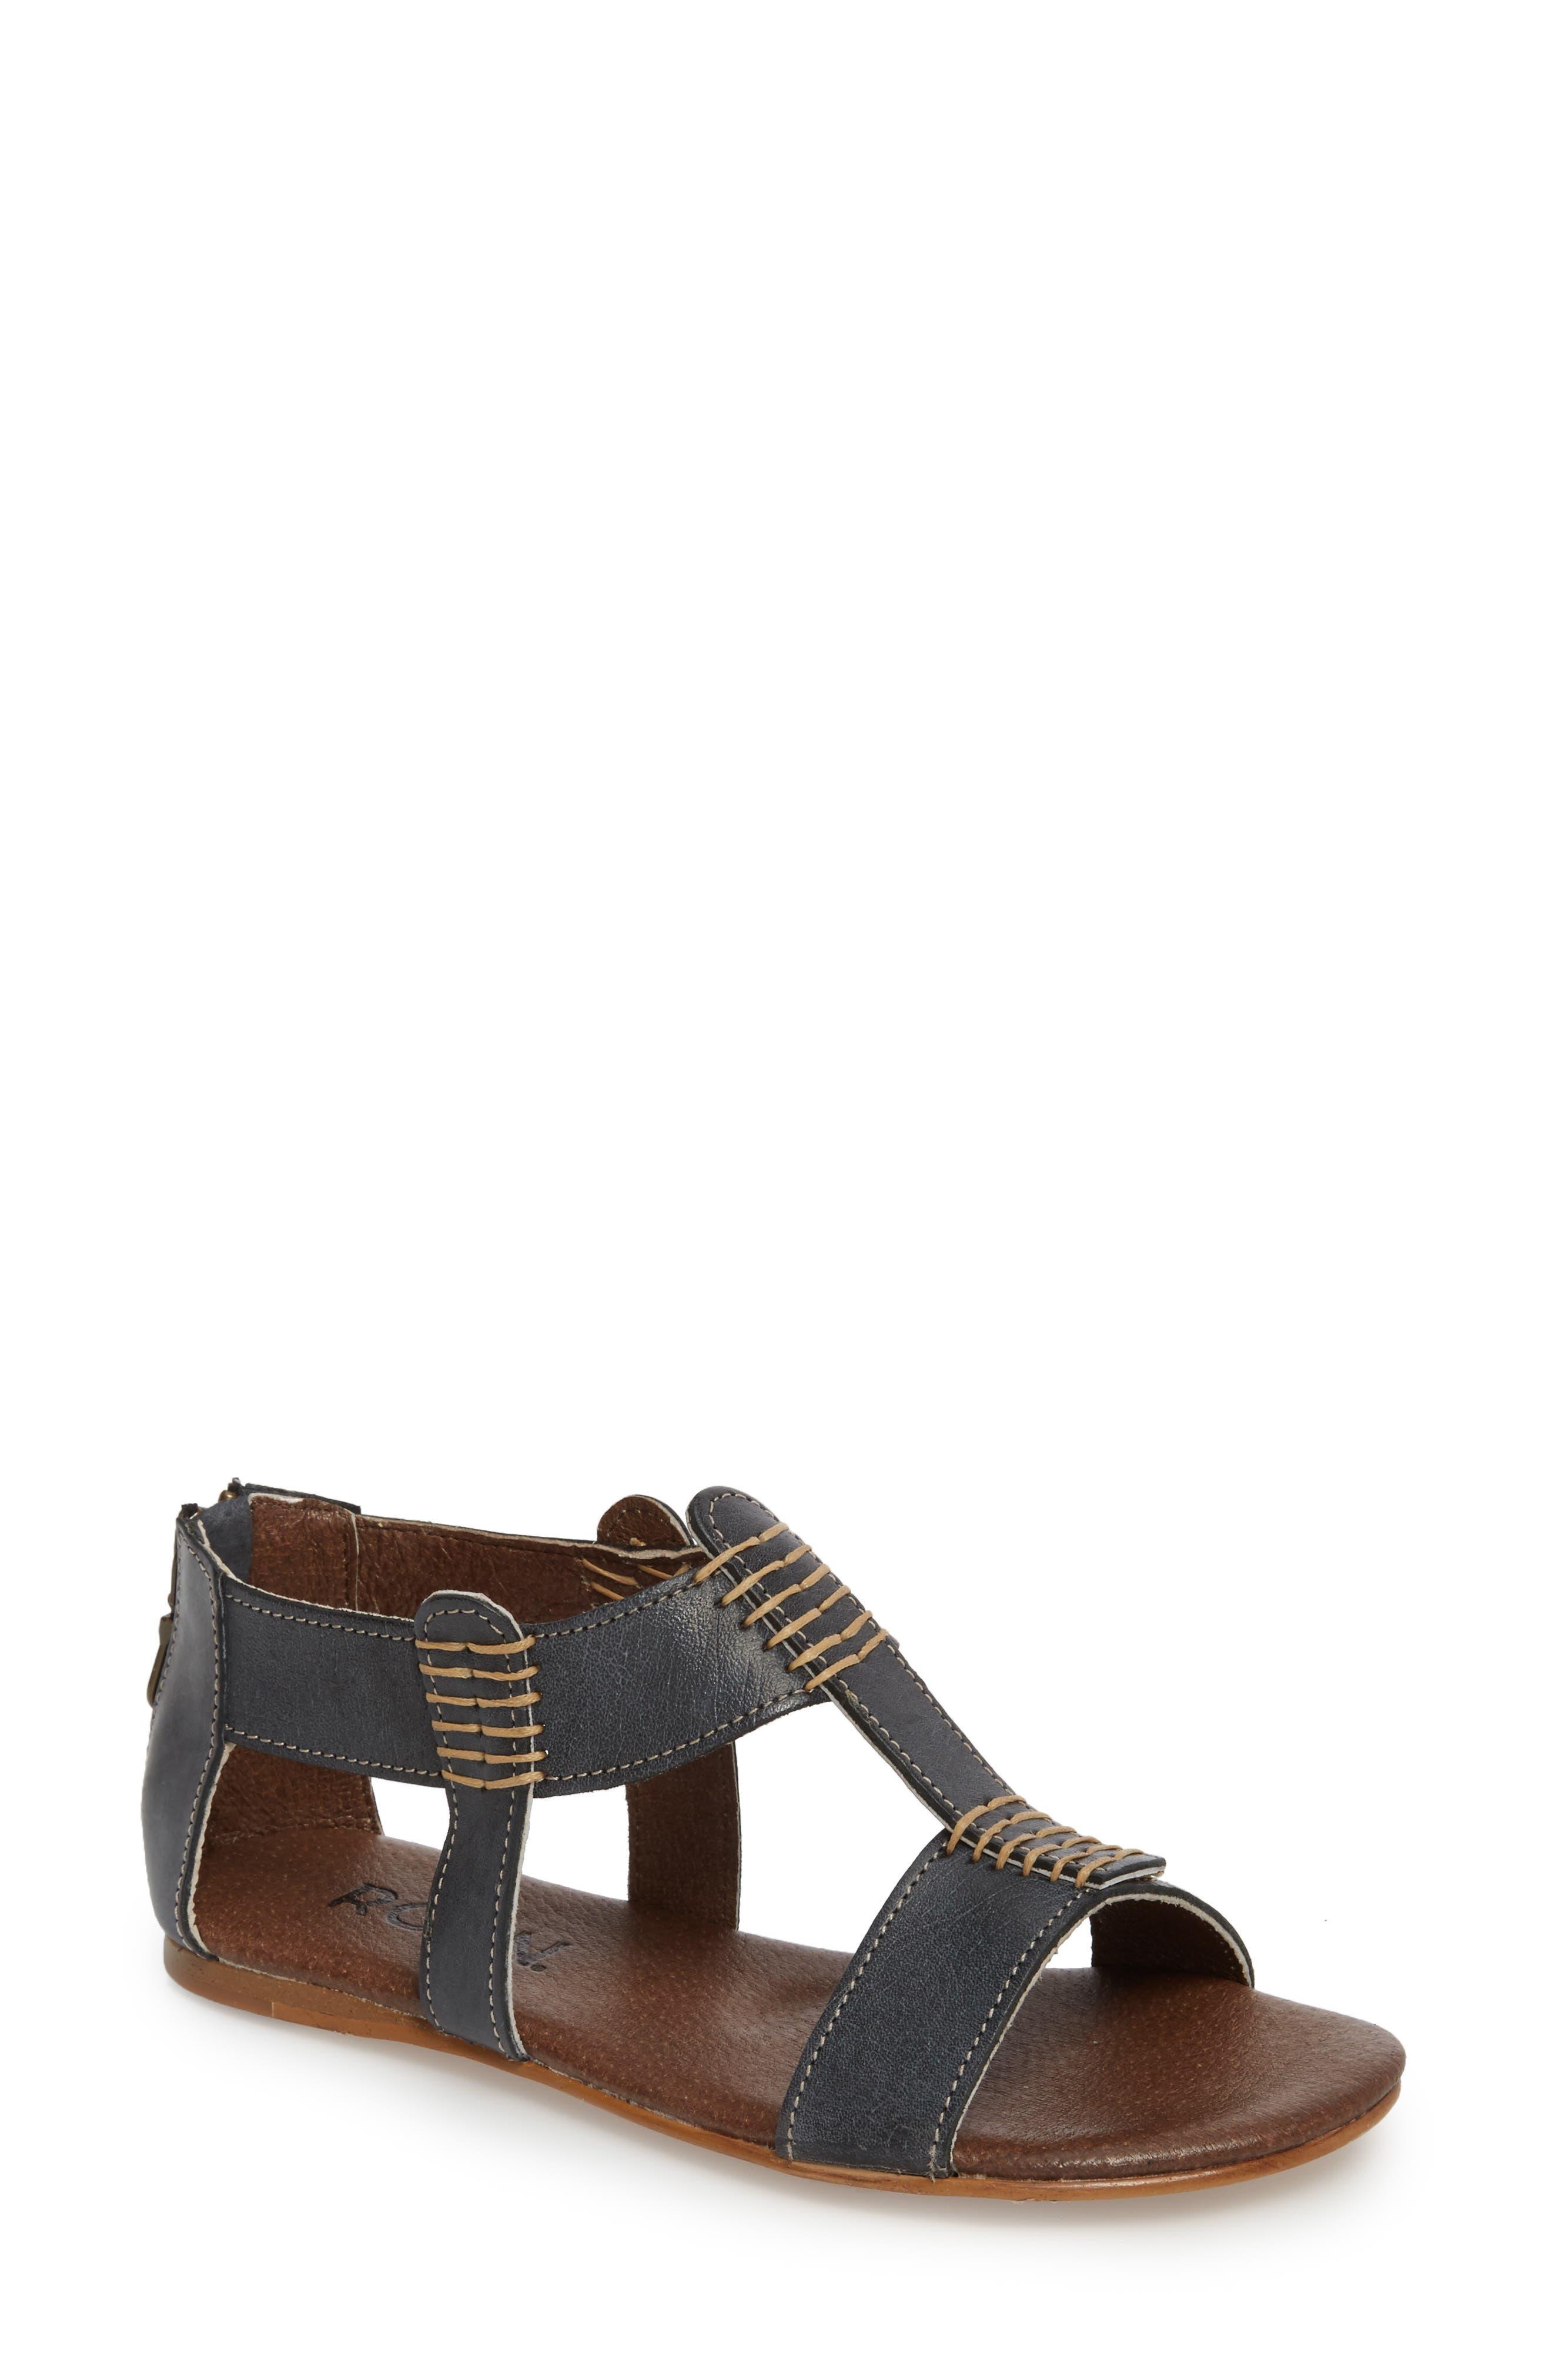 Jocelyn T-Strap Flat Sandal,                         Main,                         color, Sydney Black